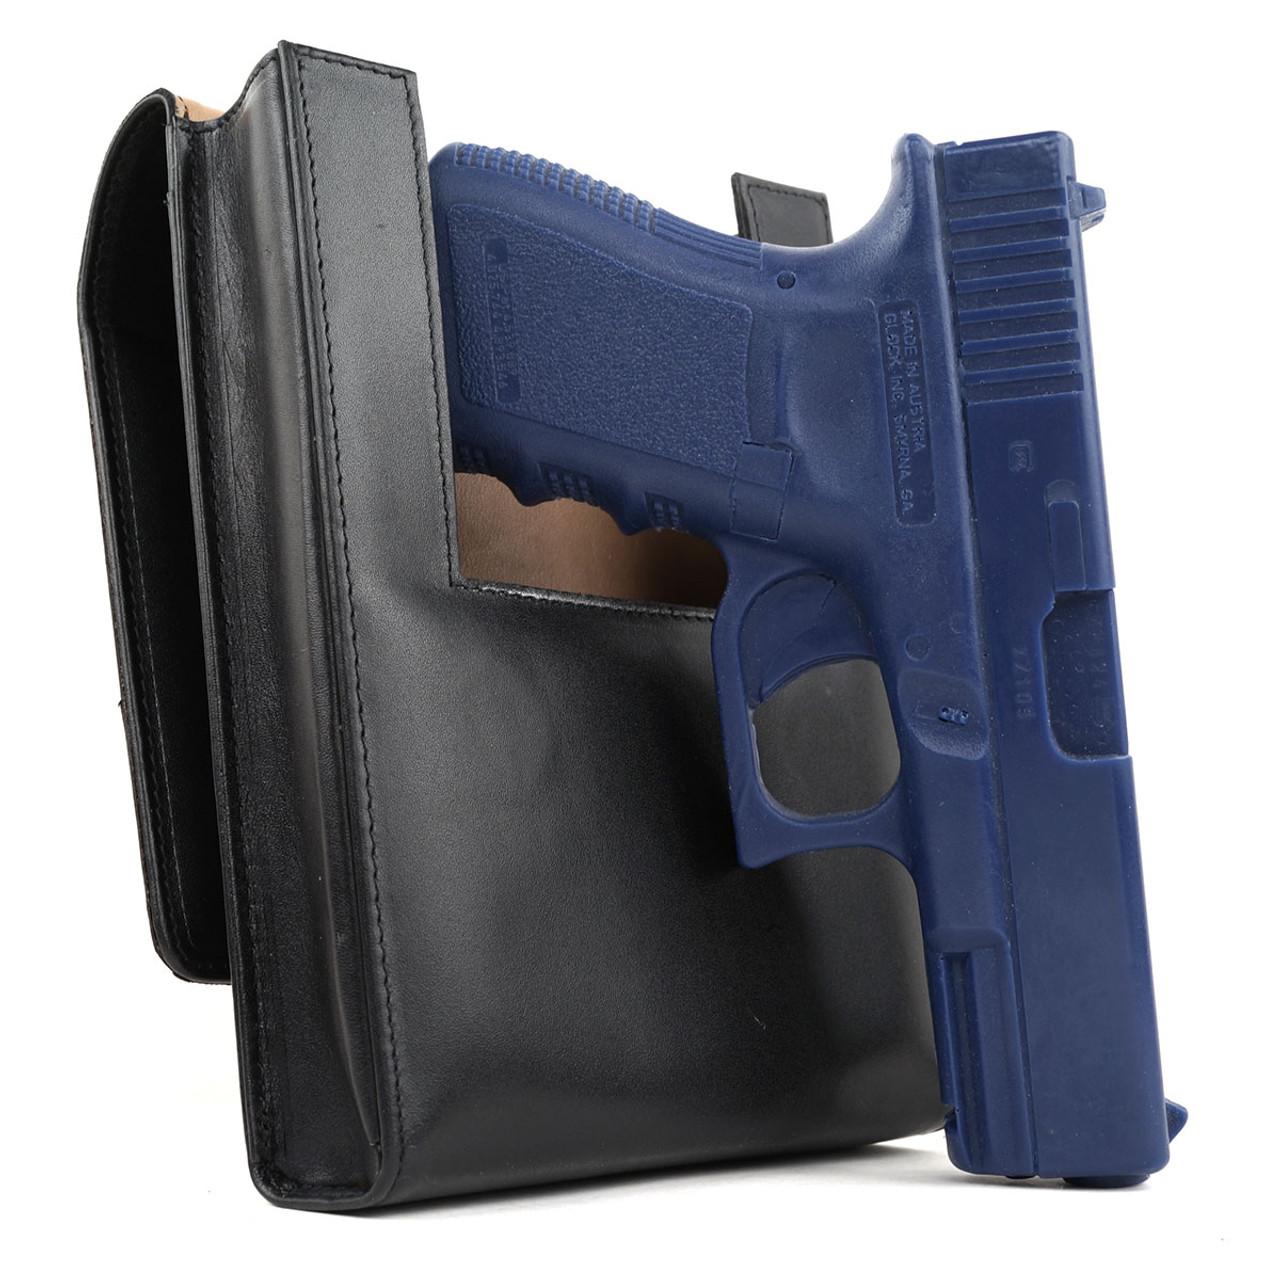 Glock 23 Holster